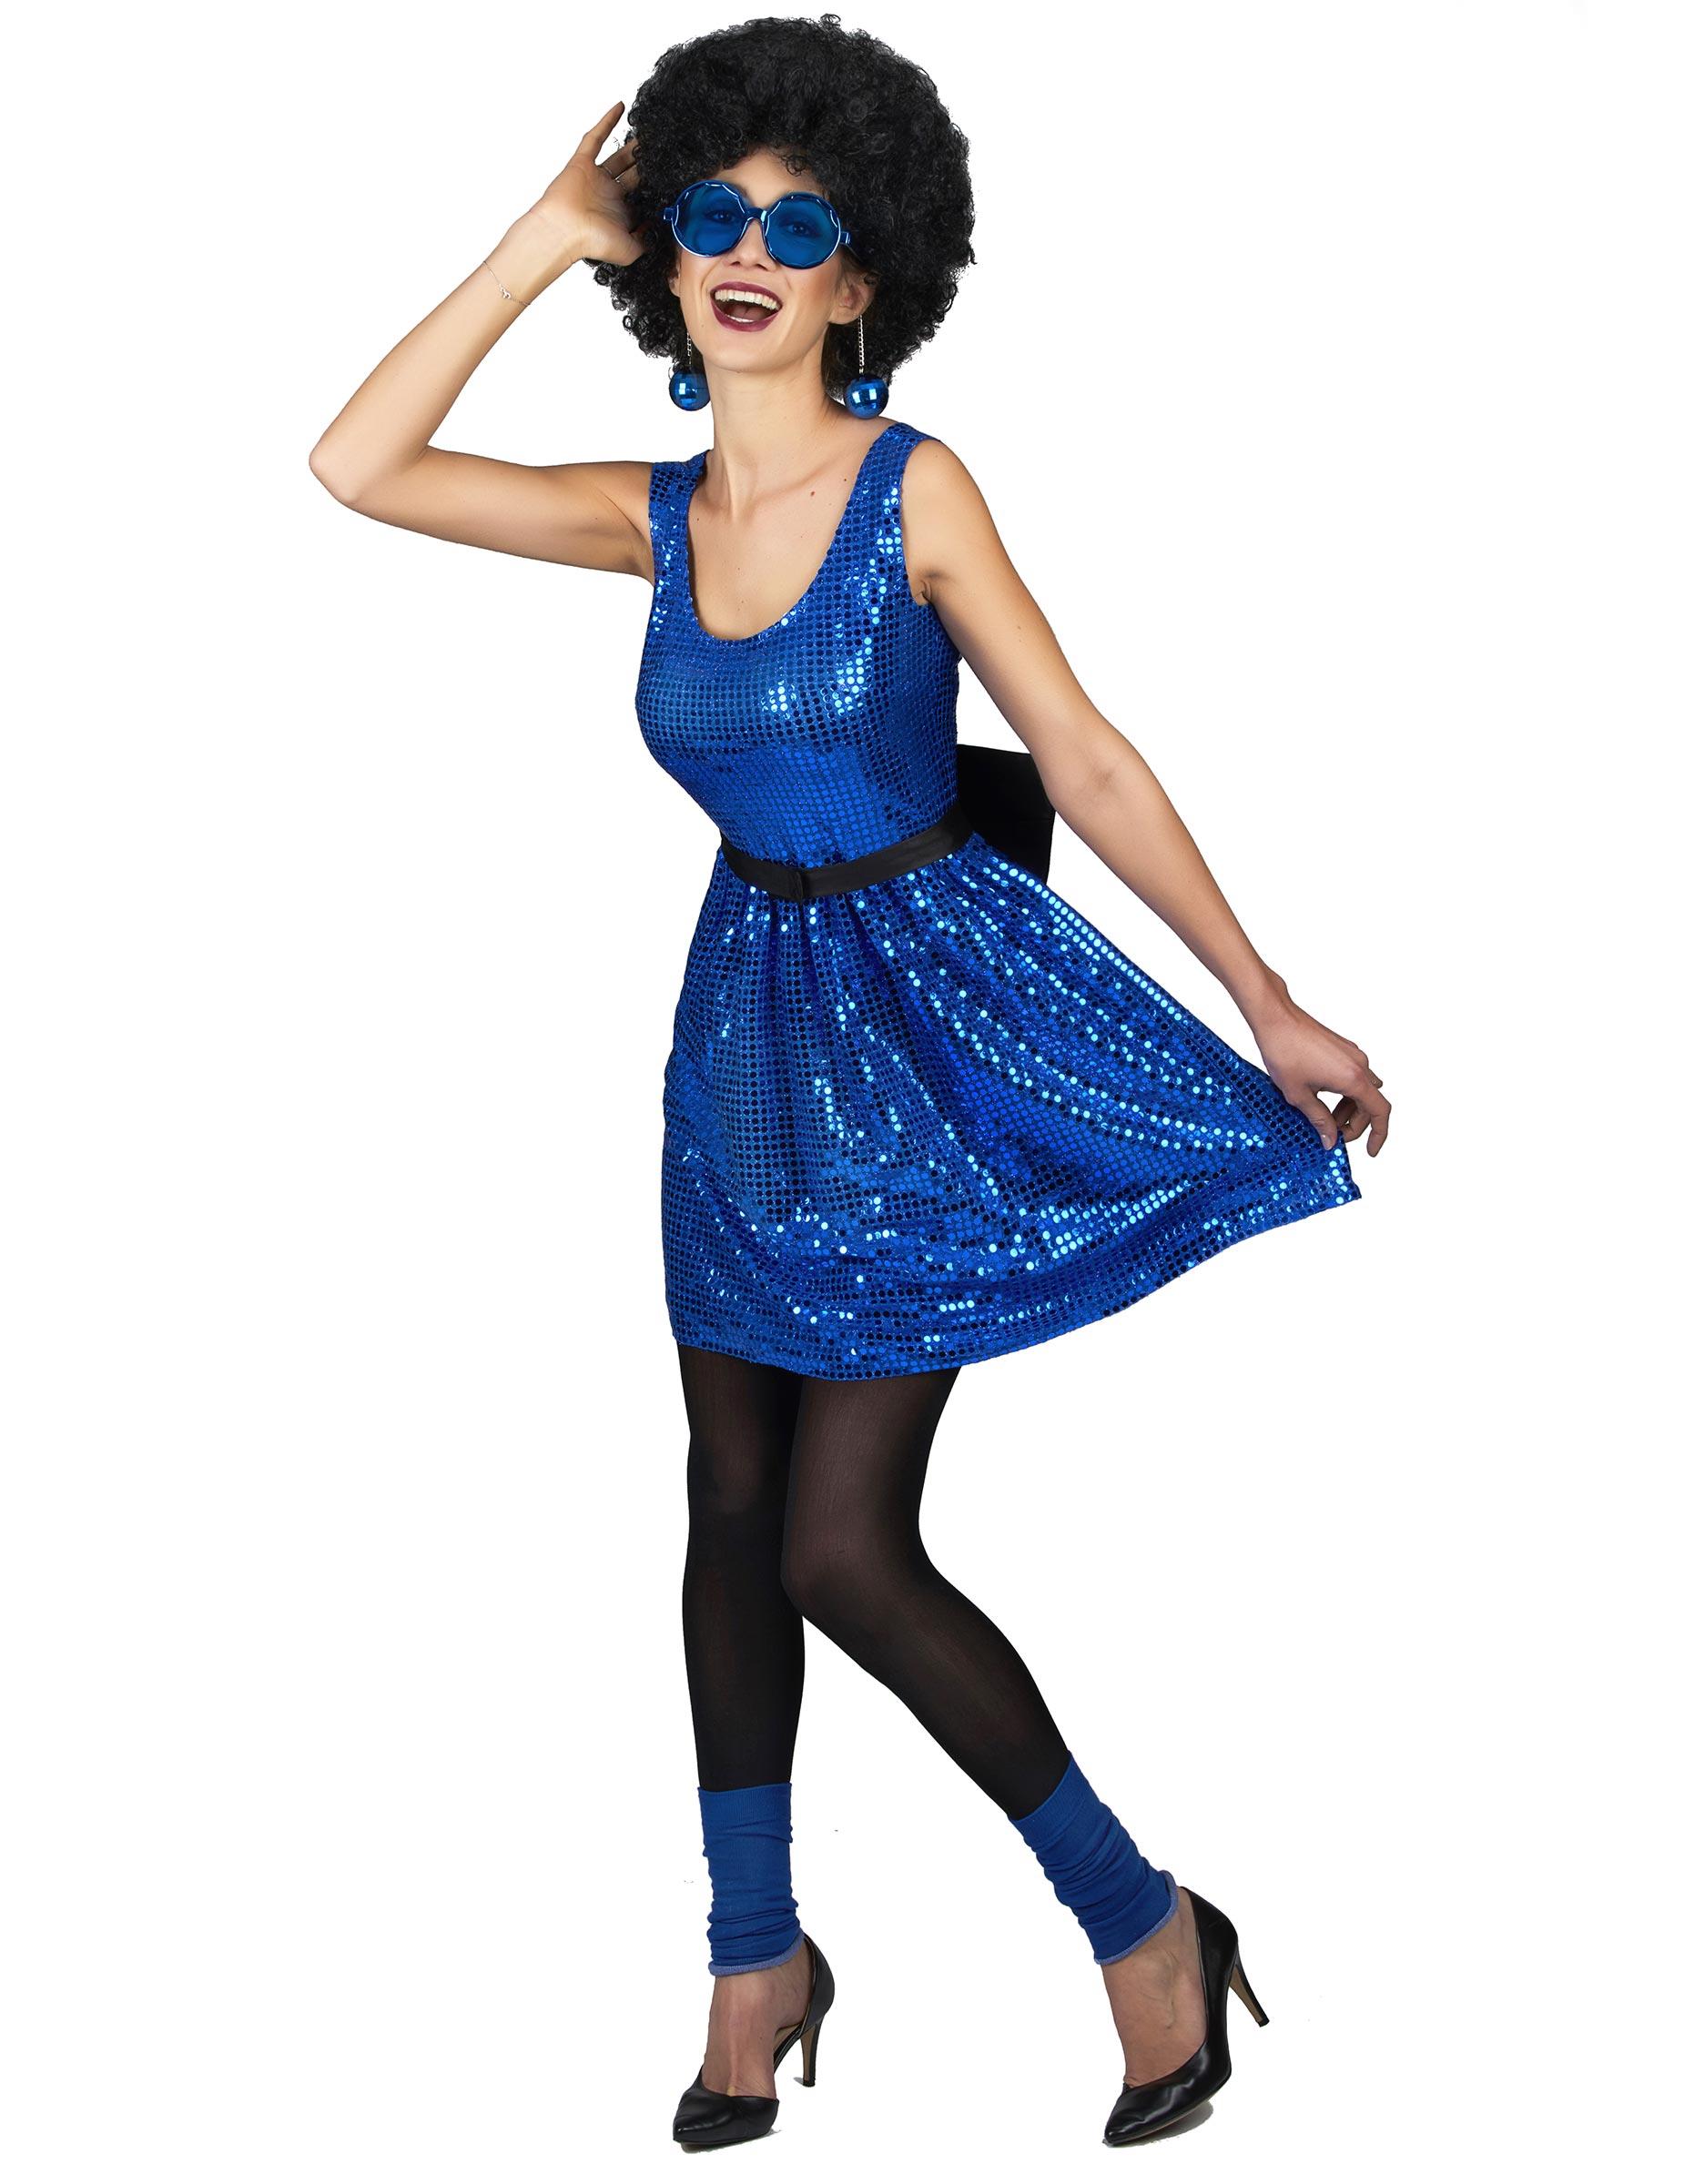 Costume disco con paillettes blu da donna su VegaooParty 1211278449f2